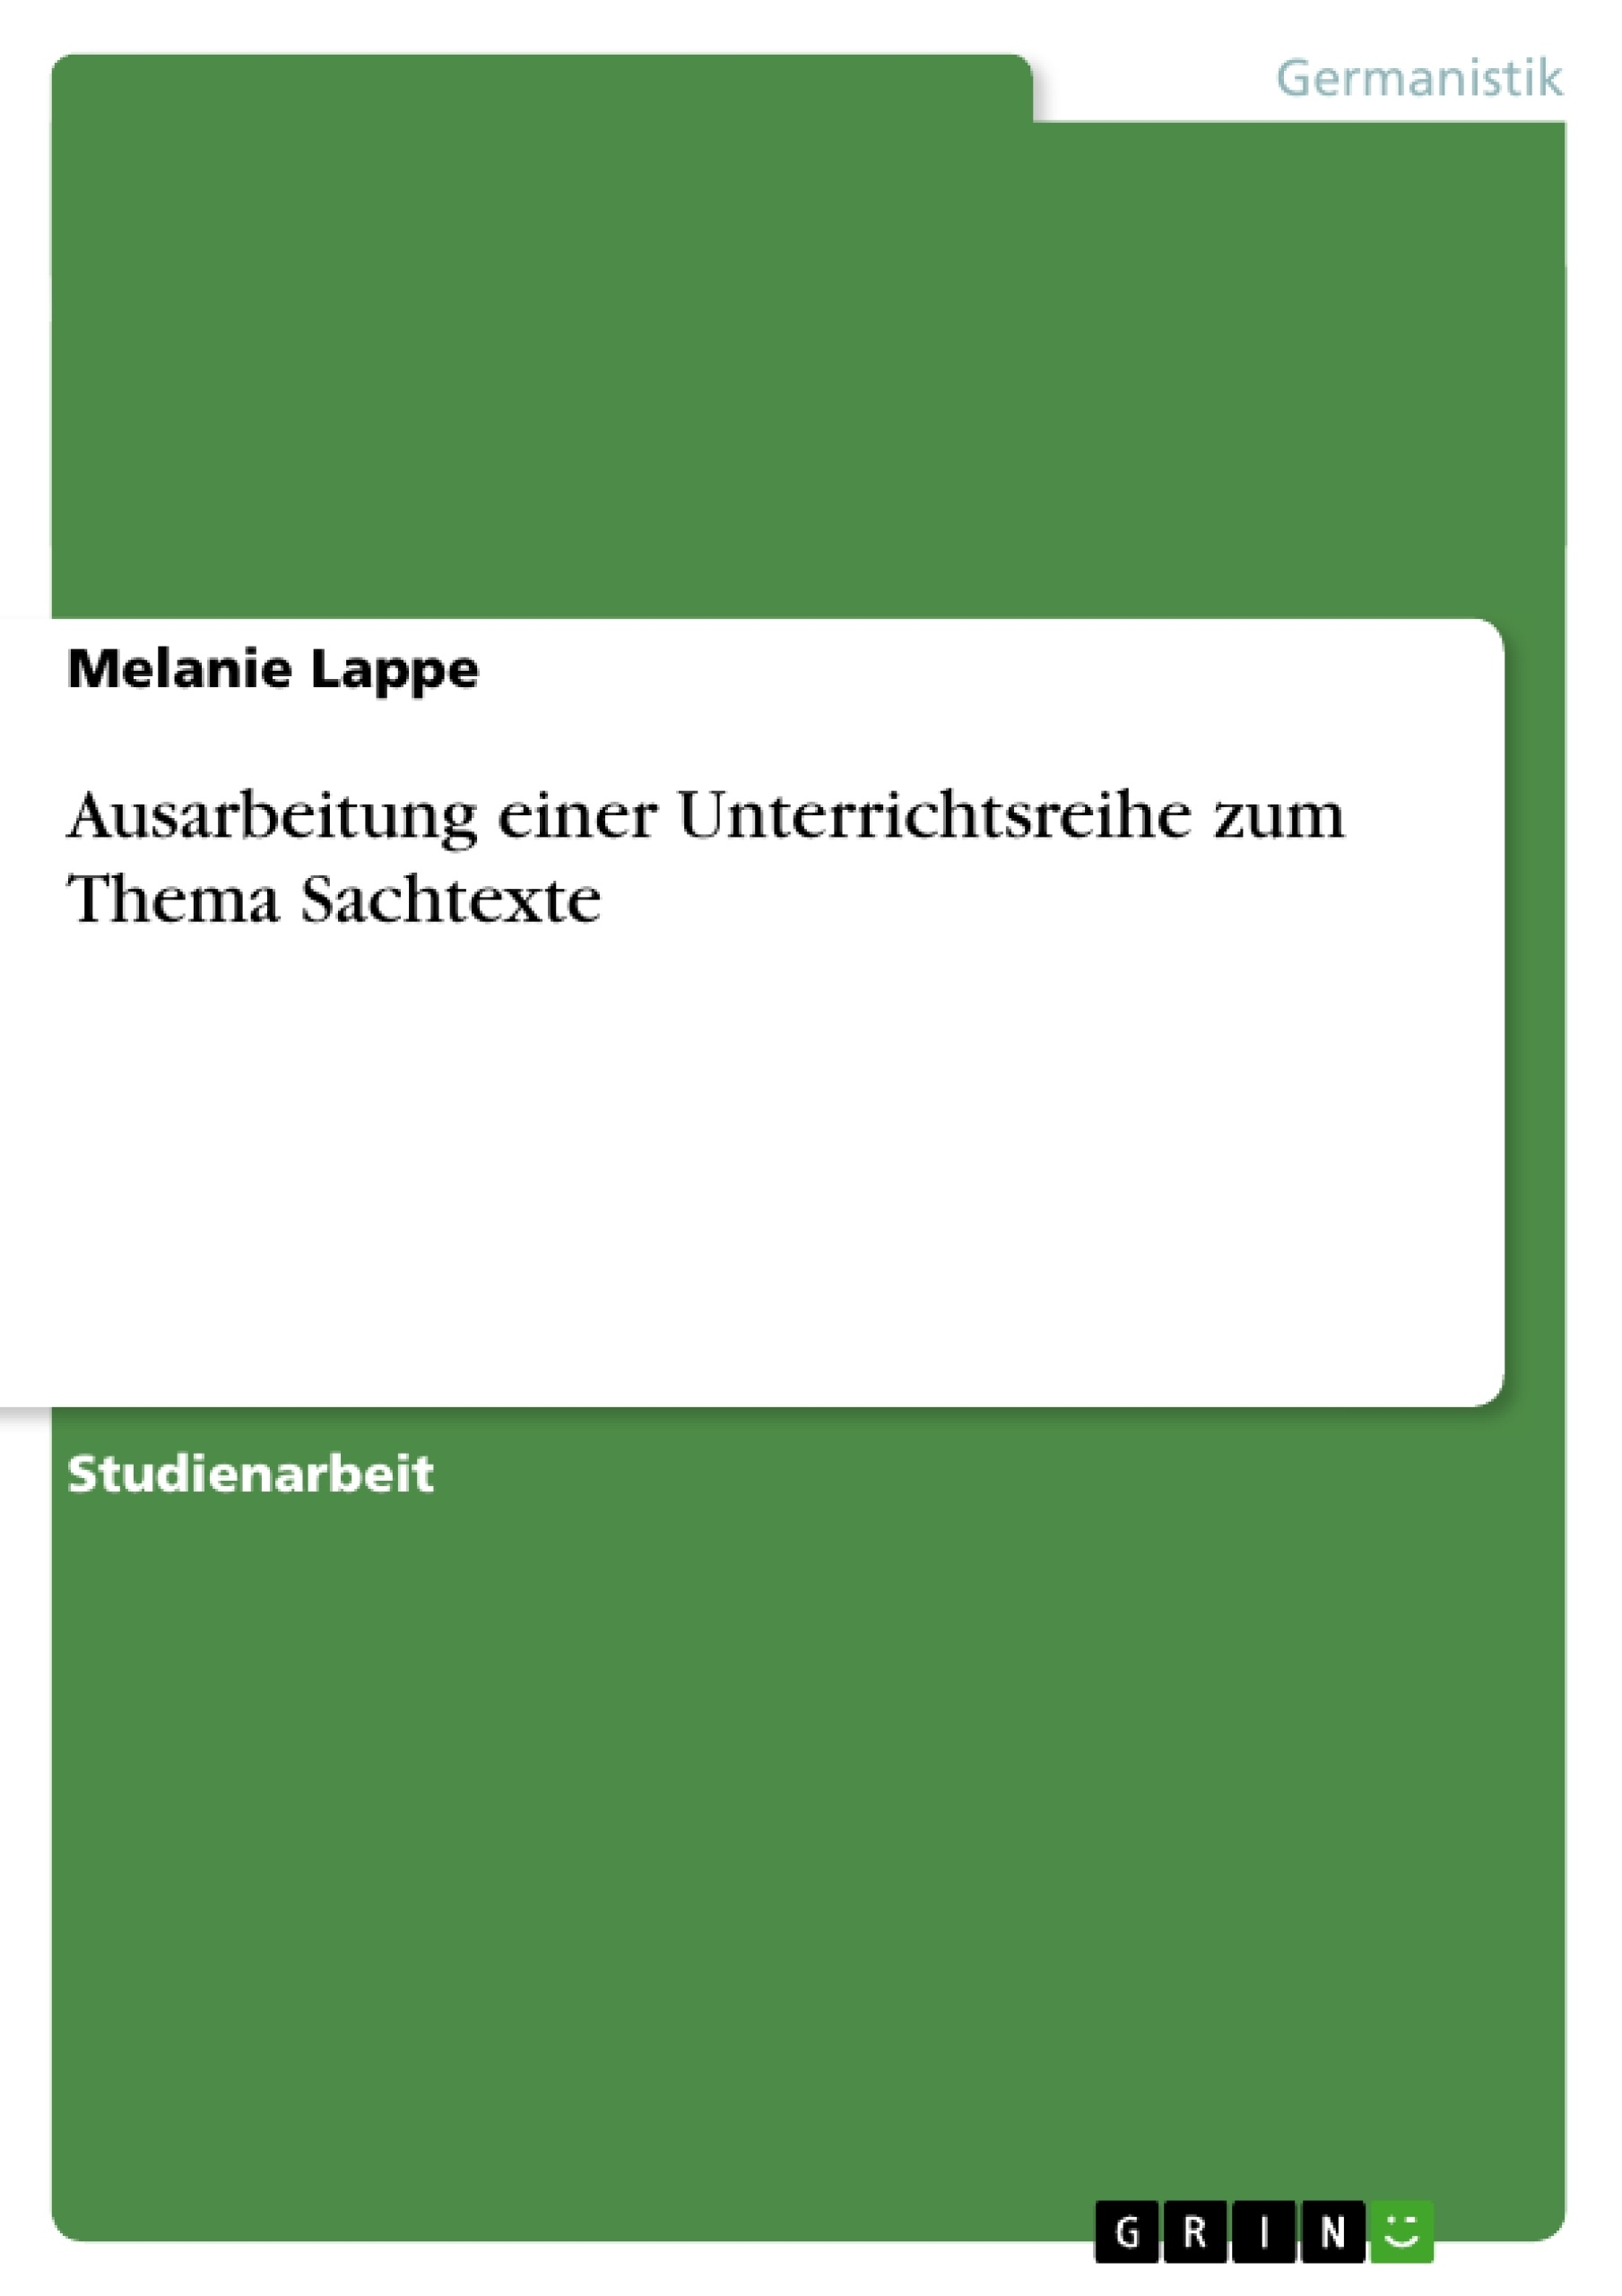 Titel: Ausarbeitung einer Unterrichtsreihe zum Thema  Sachtexte